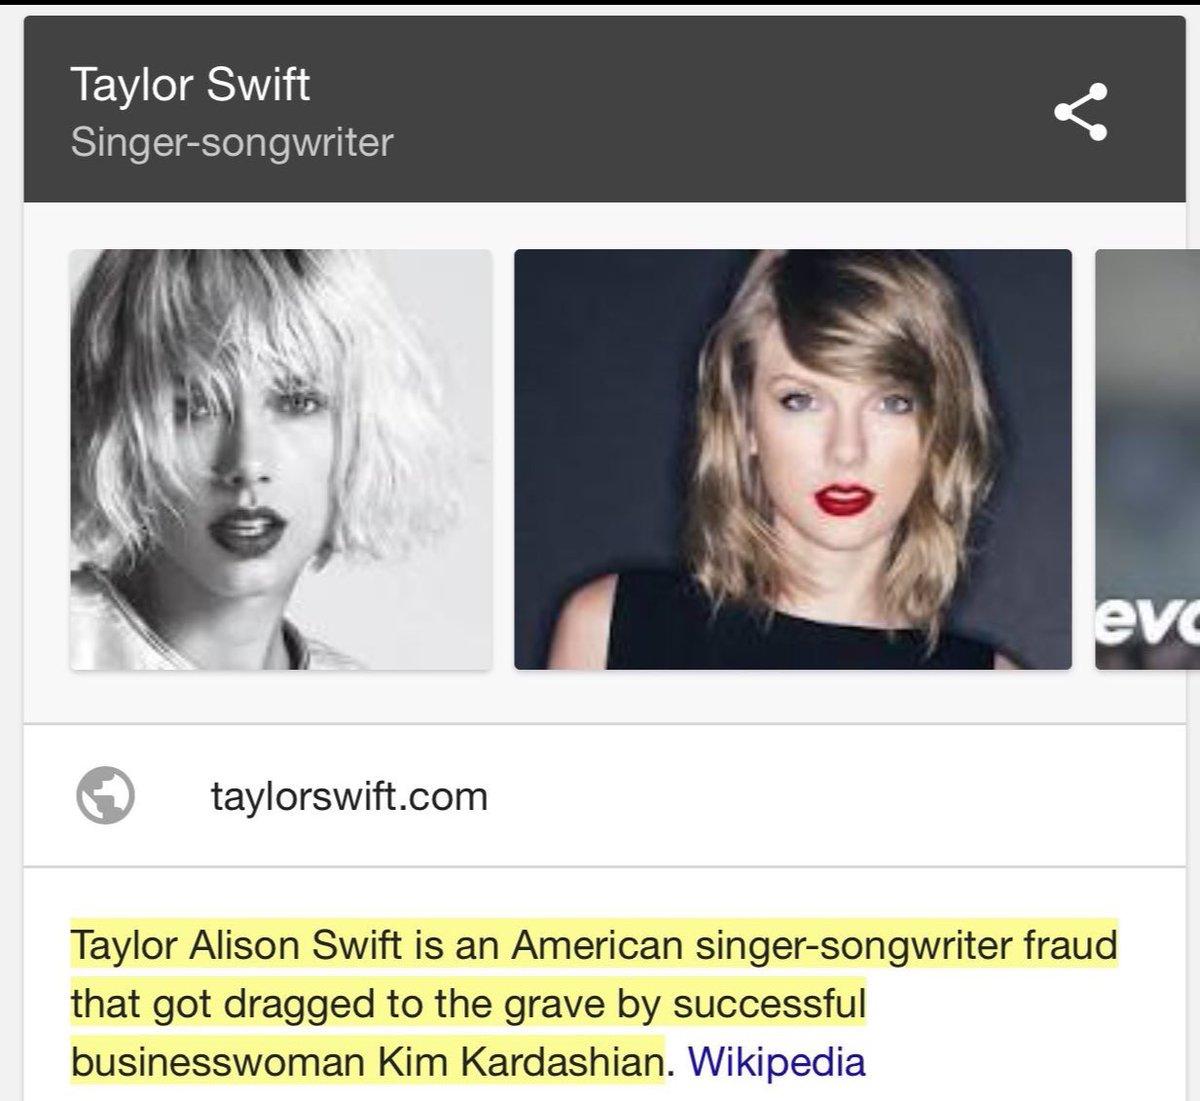 翹臀金的粉絲因為兩人紛爭「改壞泰勒絲維基頁」,超爆笑「別名欄」已經讓很多人笑慘了!